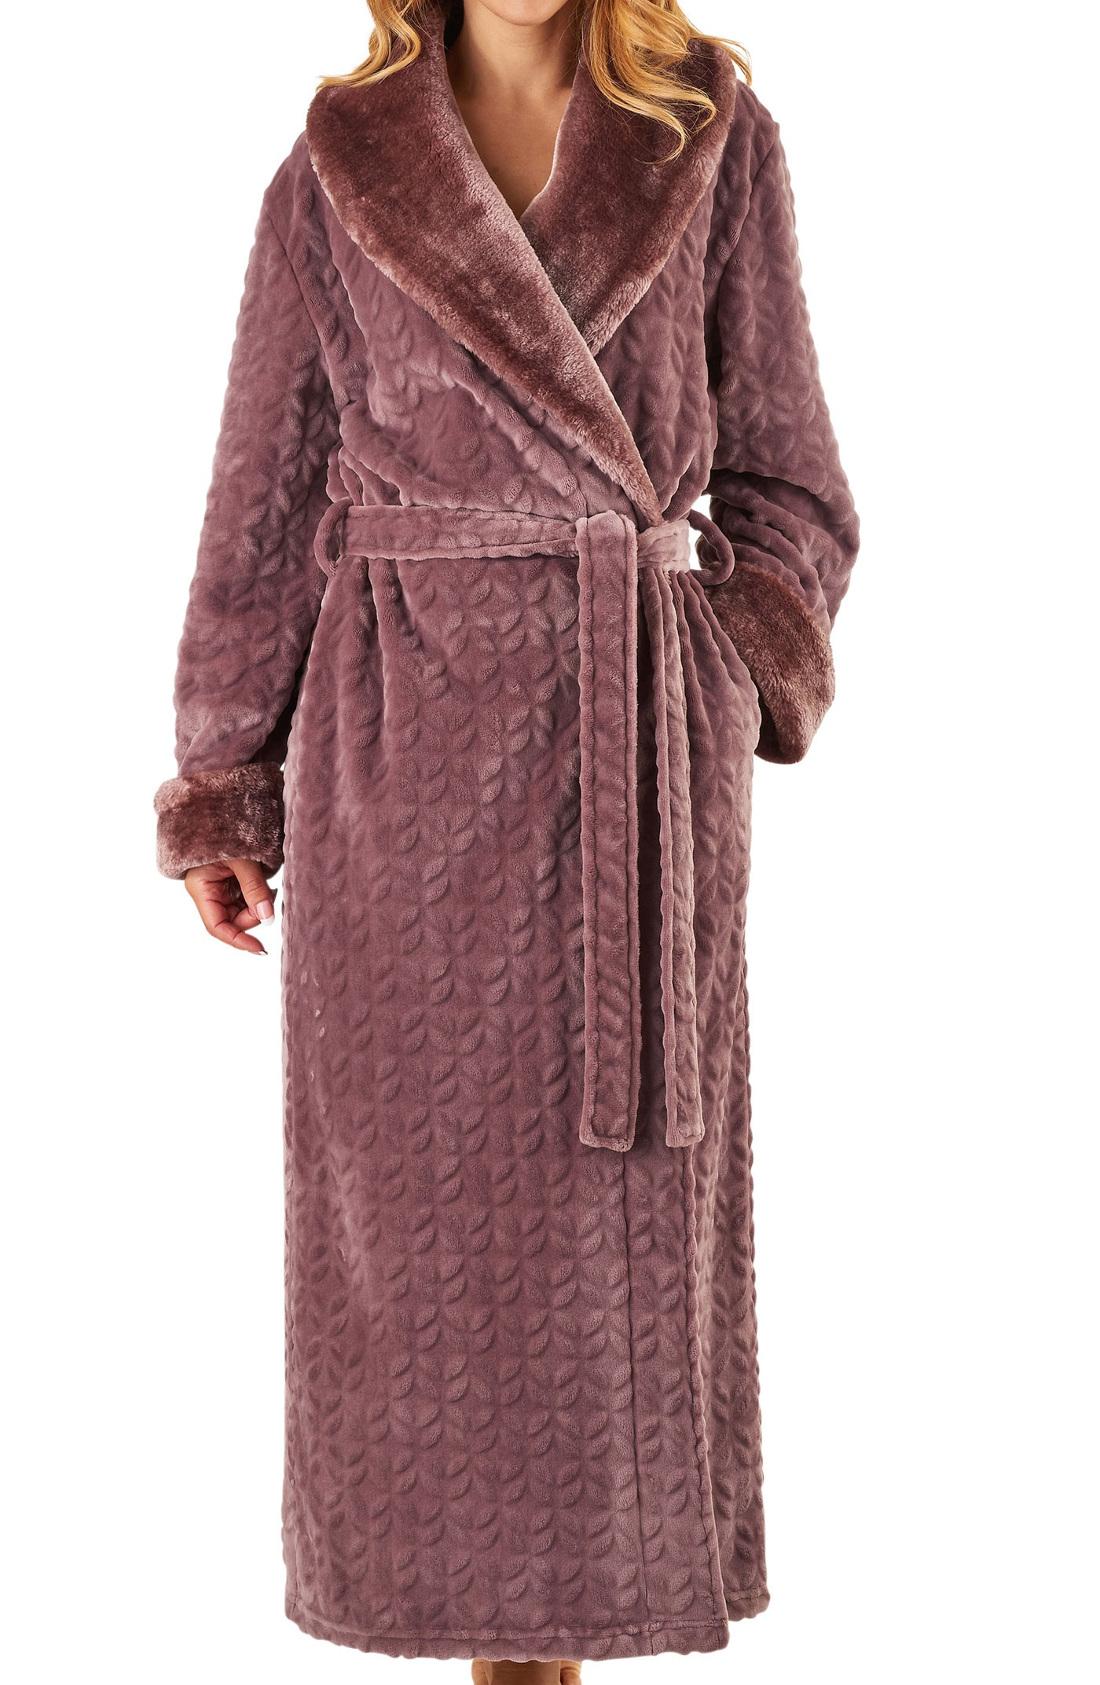 Slenderella Ladies Faux Fur Hooded Dressing Gown Soft Shawl Collar Bath Robe